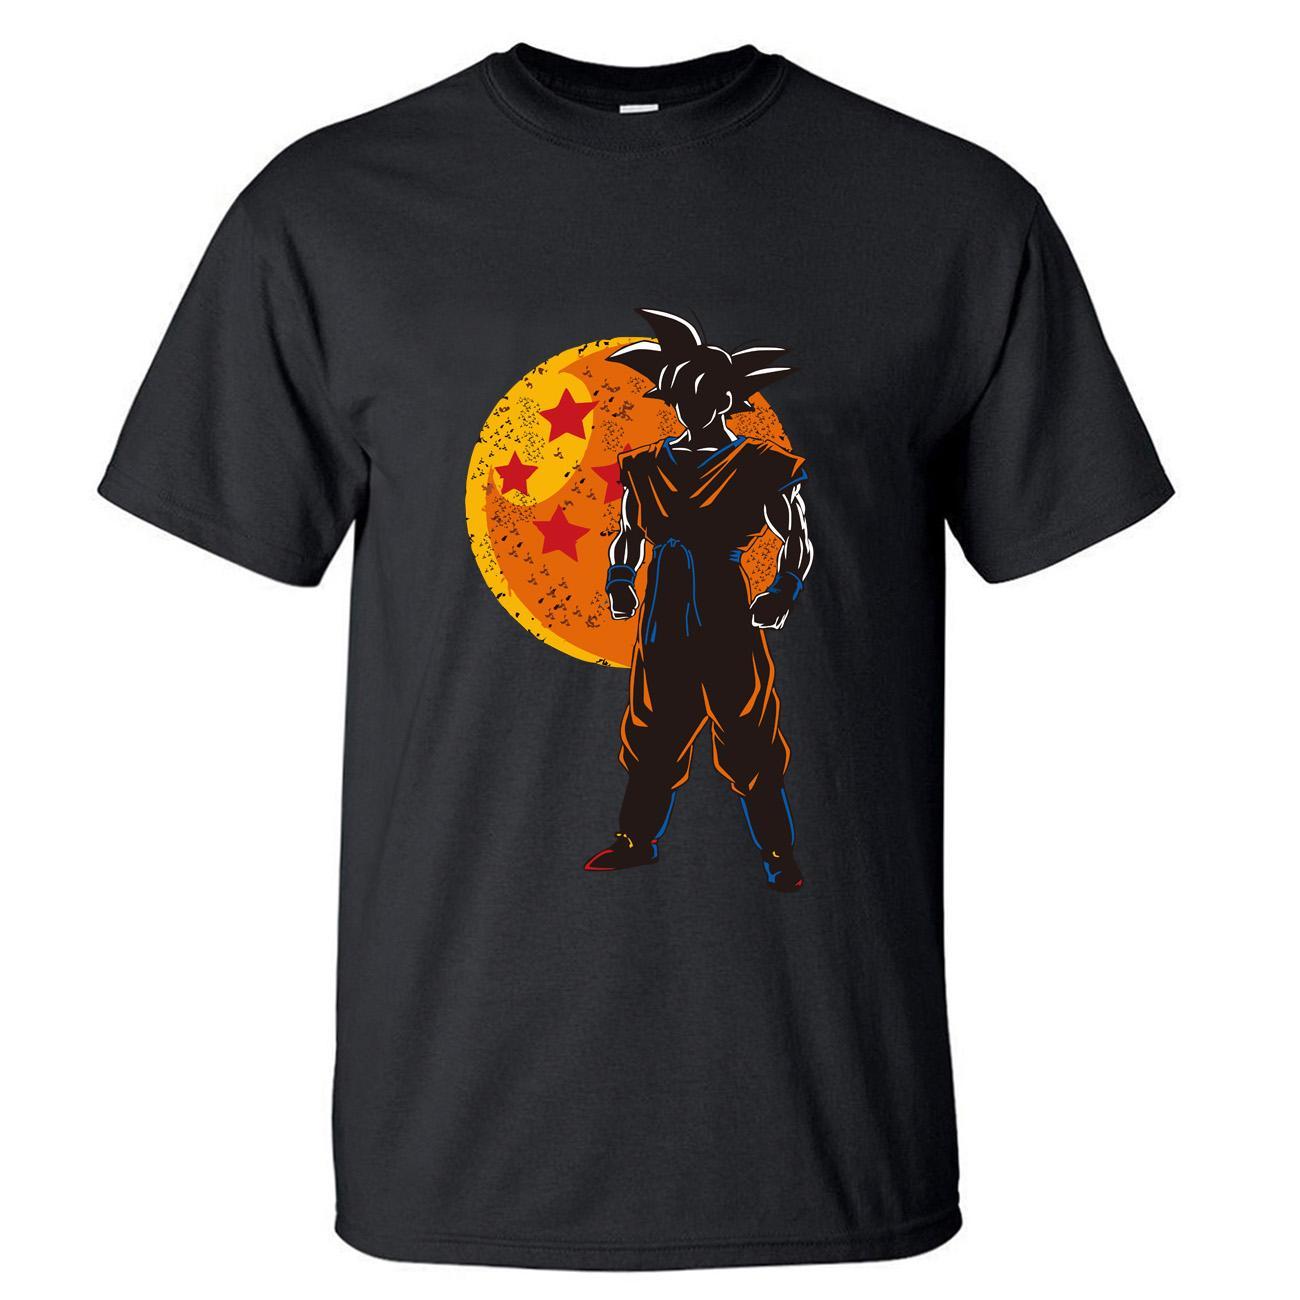 Dragon Ball Z T-Shirt Männer-T-Shirt Super Funny T-Shirts Sommer-Top Cotton Schwarz japanische Anime Short Sleeve Harajuku T-Shirt